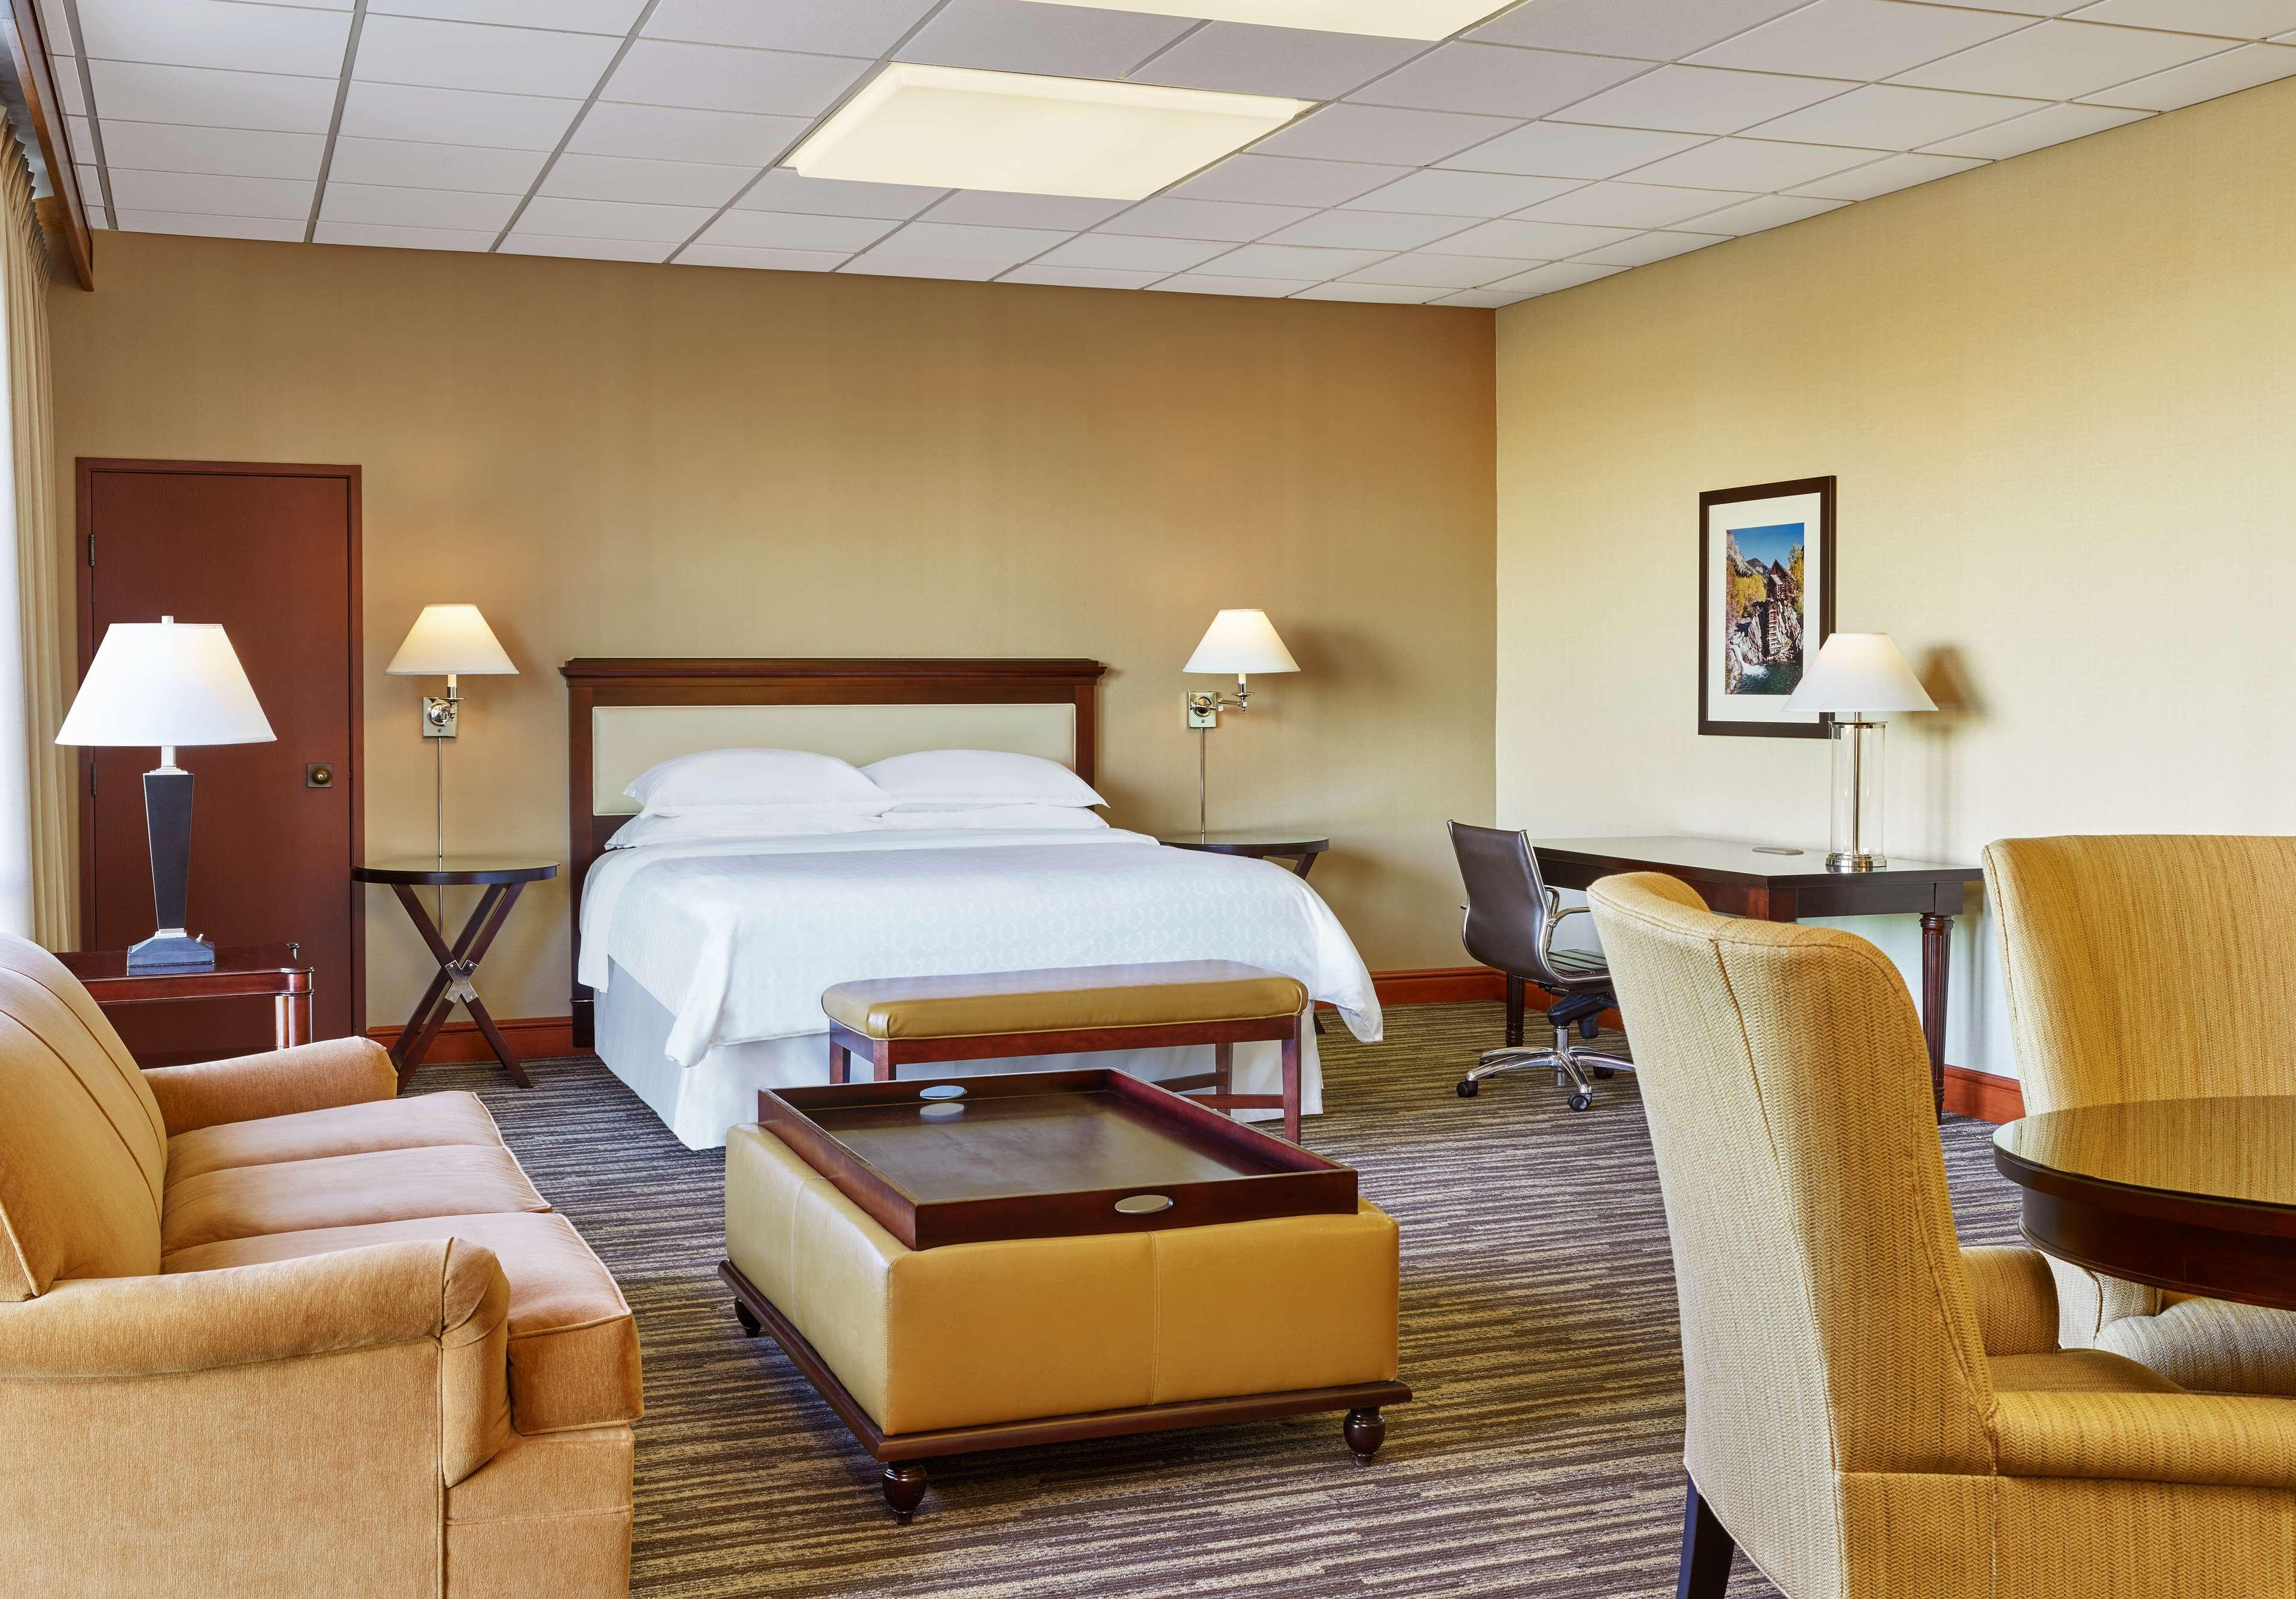 Sheraton Denver West Hotel image 17